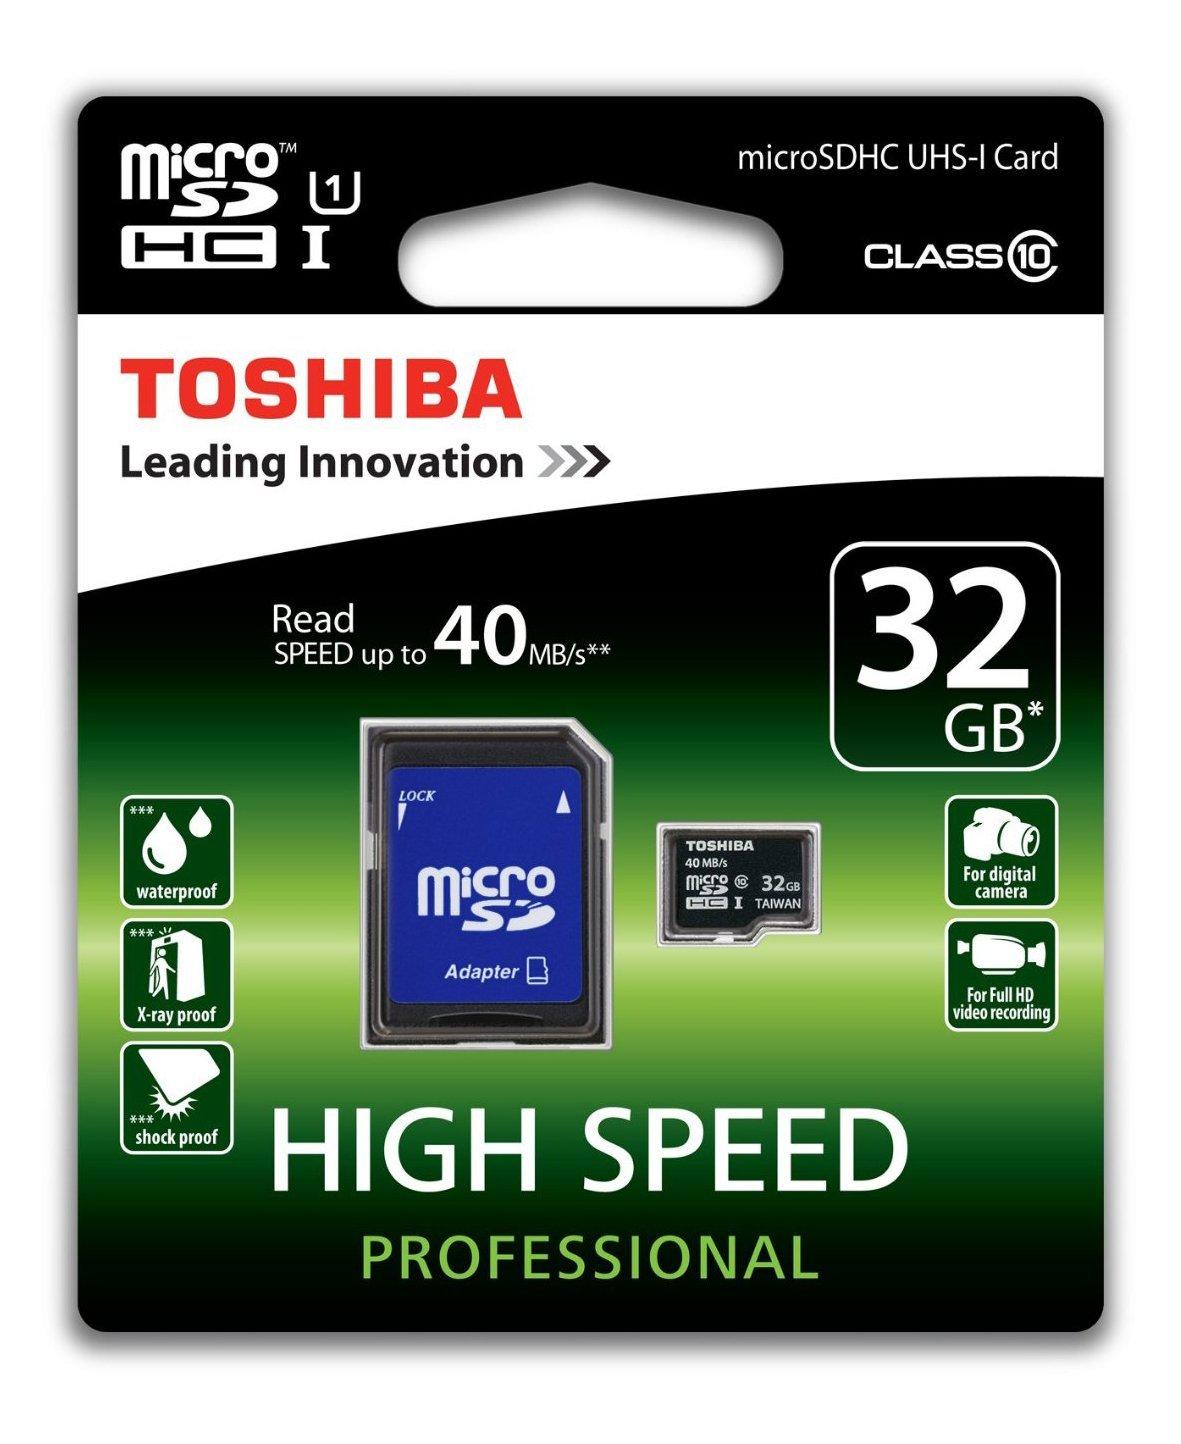 Amazon und Mediamarkt: Toshiba High Speed Professional Micro SDHC 32GB Class 10 für nur 7 Euro statt 11,80 Euro bei Idealo